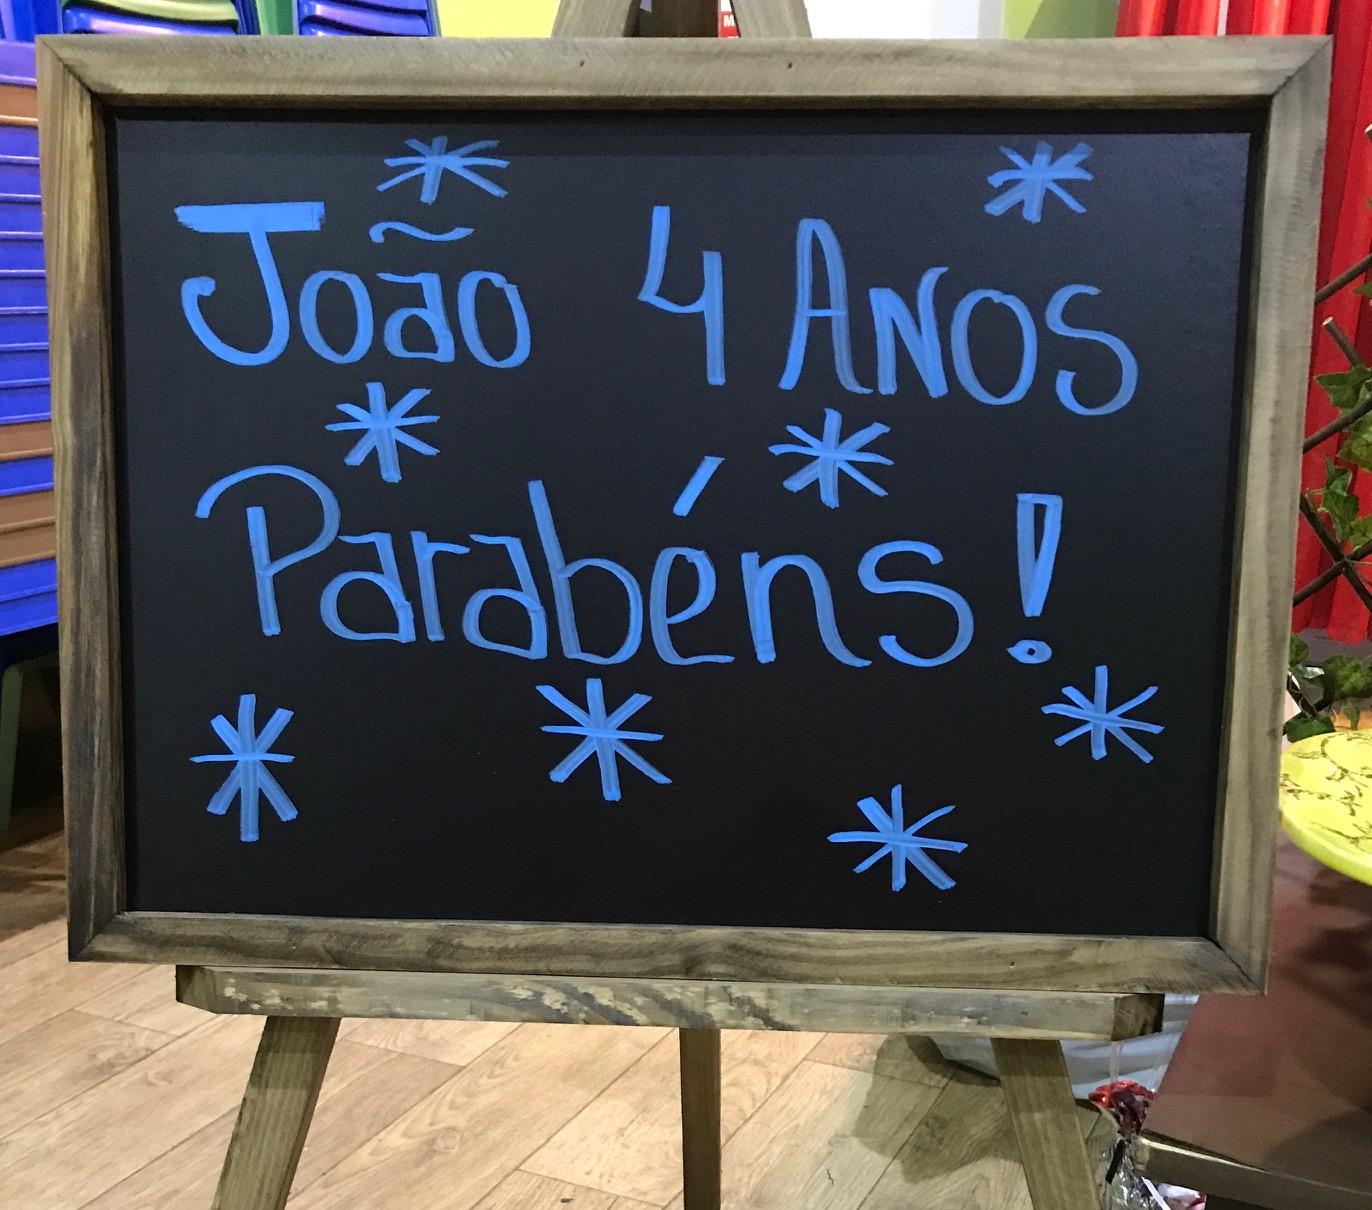 Relâmpago: 2h de Festa Completa para 25 pessoas por R$2.100